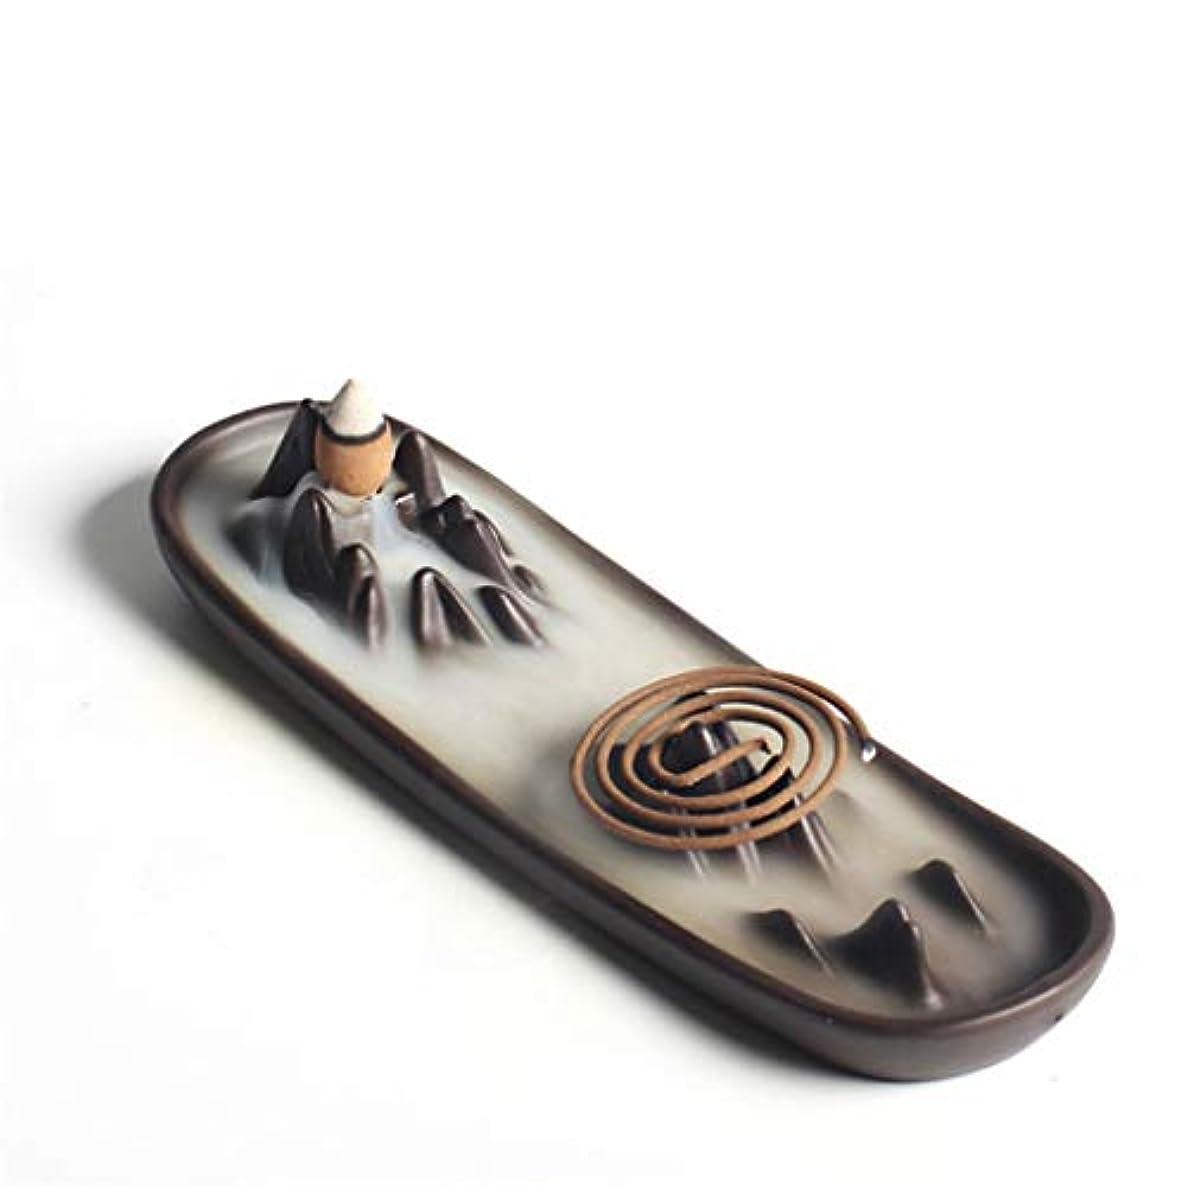 せっかち僕の下手ホームアロマバーナー 逆流香バーナー家の装飾セラミックアロマセラピー仏教の滝香炉香コイルスティックホルダー 芳香器アロマバーナー (Color : A)